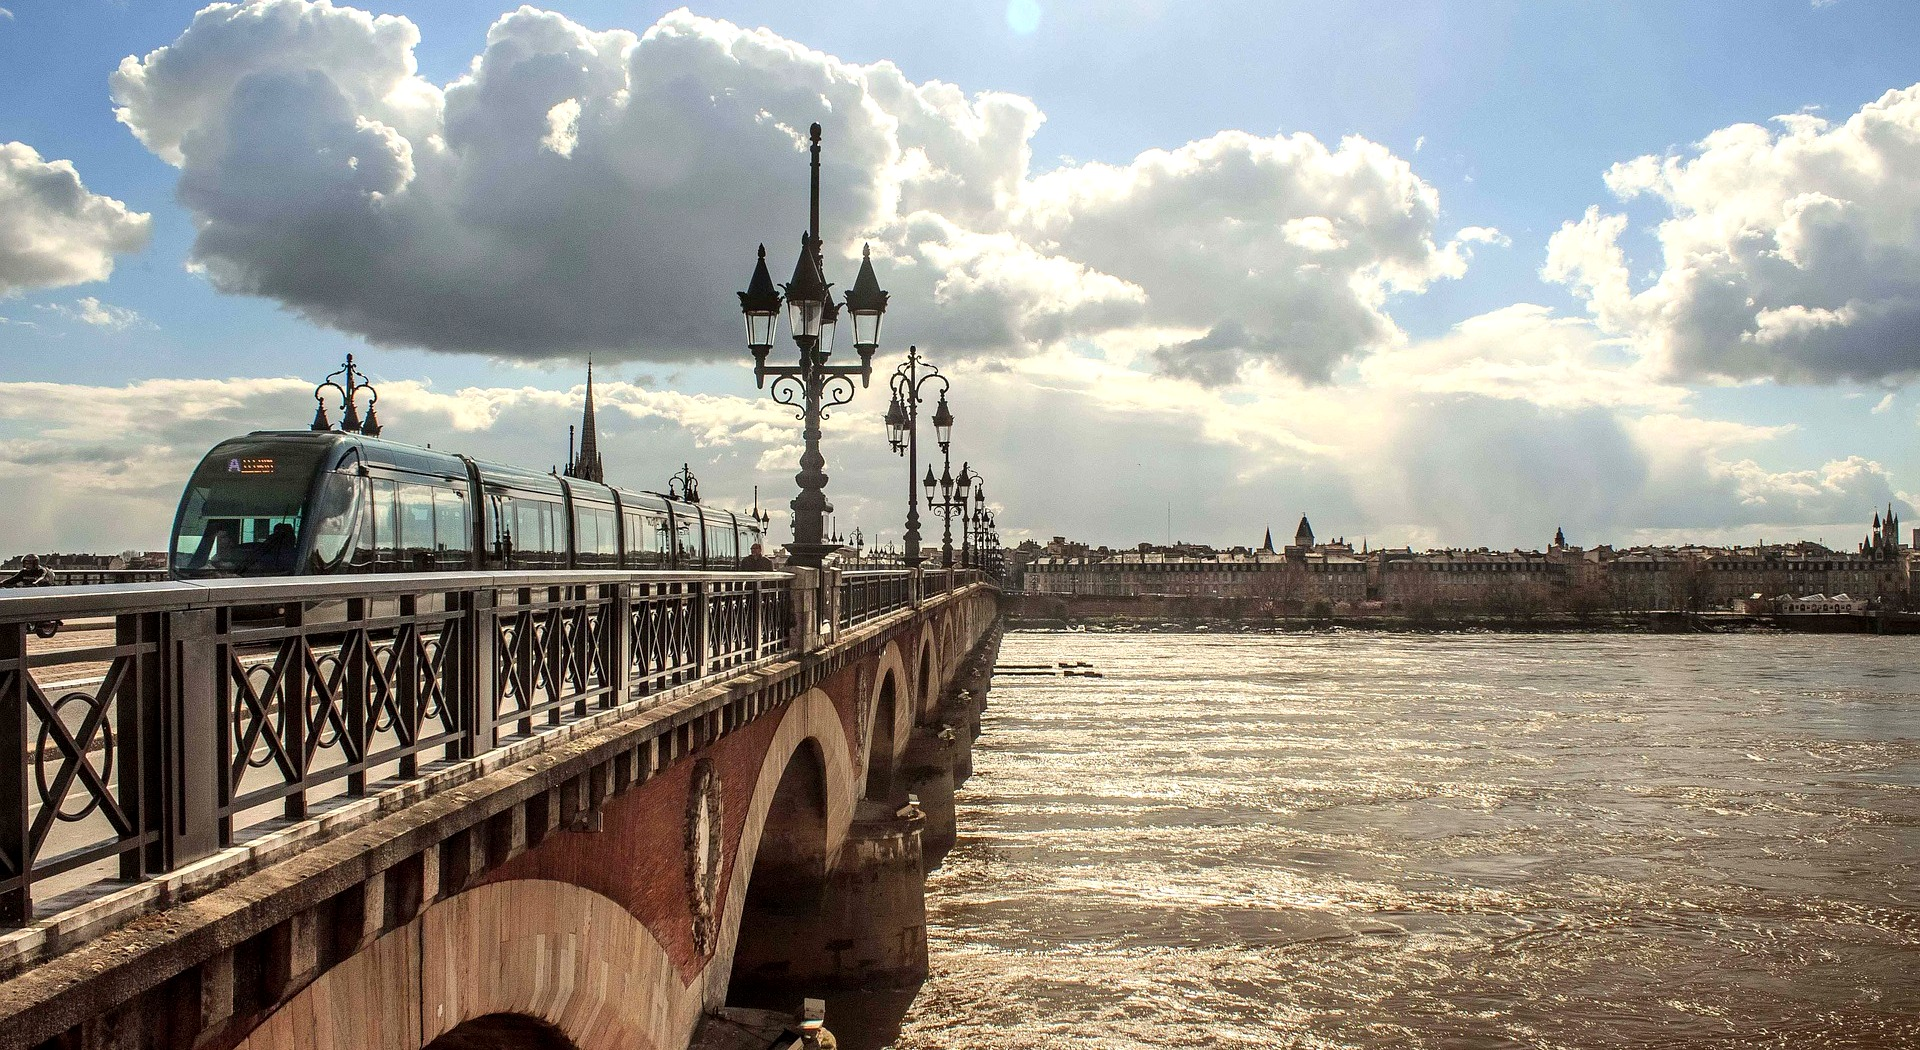 À la découverte du Médoc - Bordeaux - Au milieu des vignes… - 2